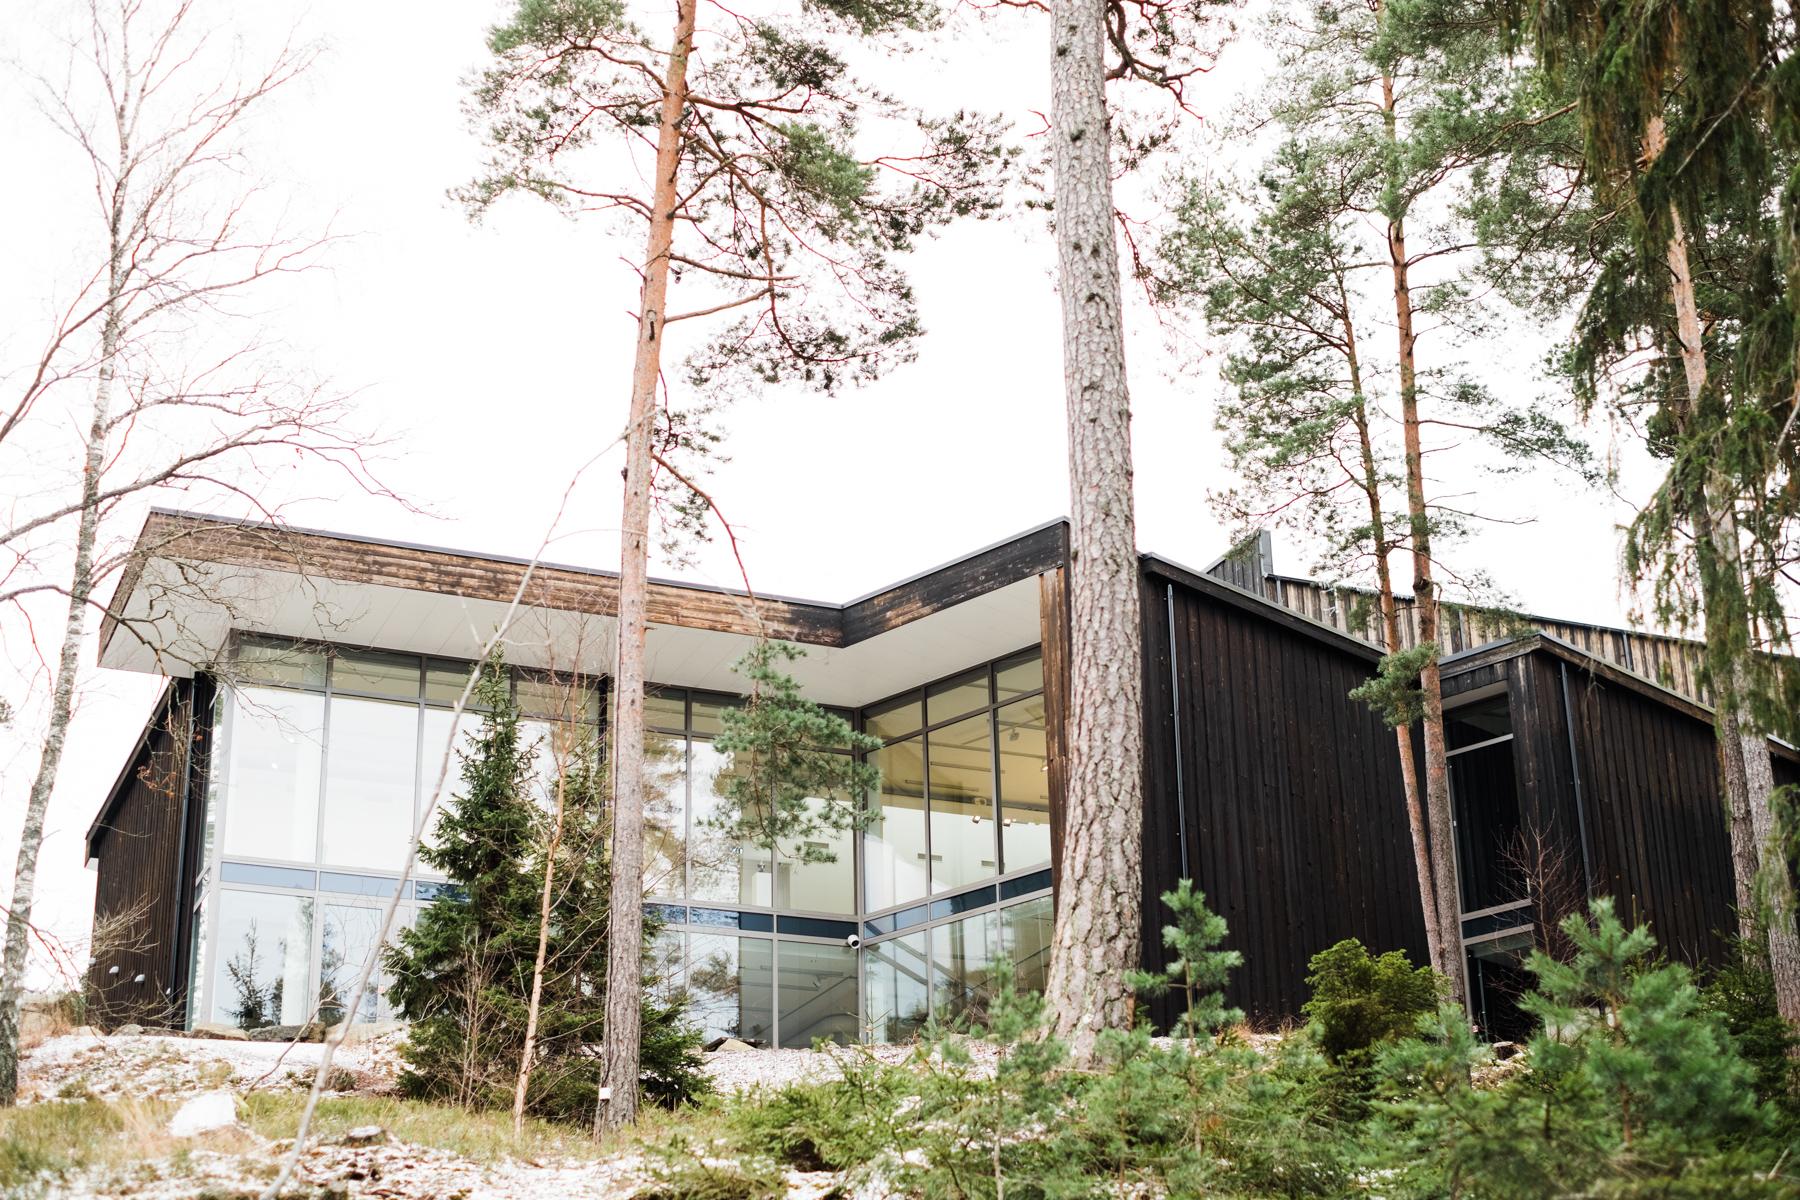 sweden_deersphotography-1088